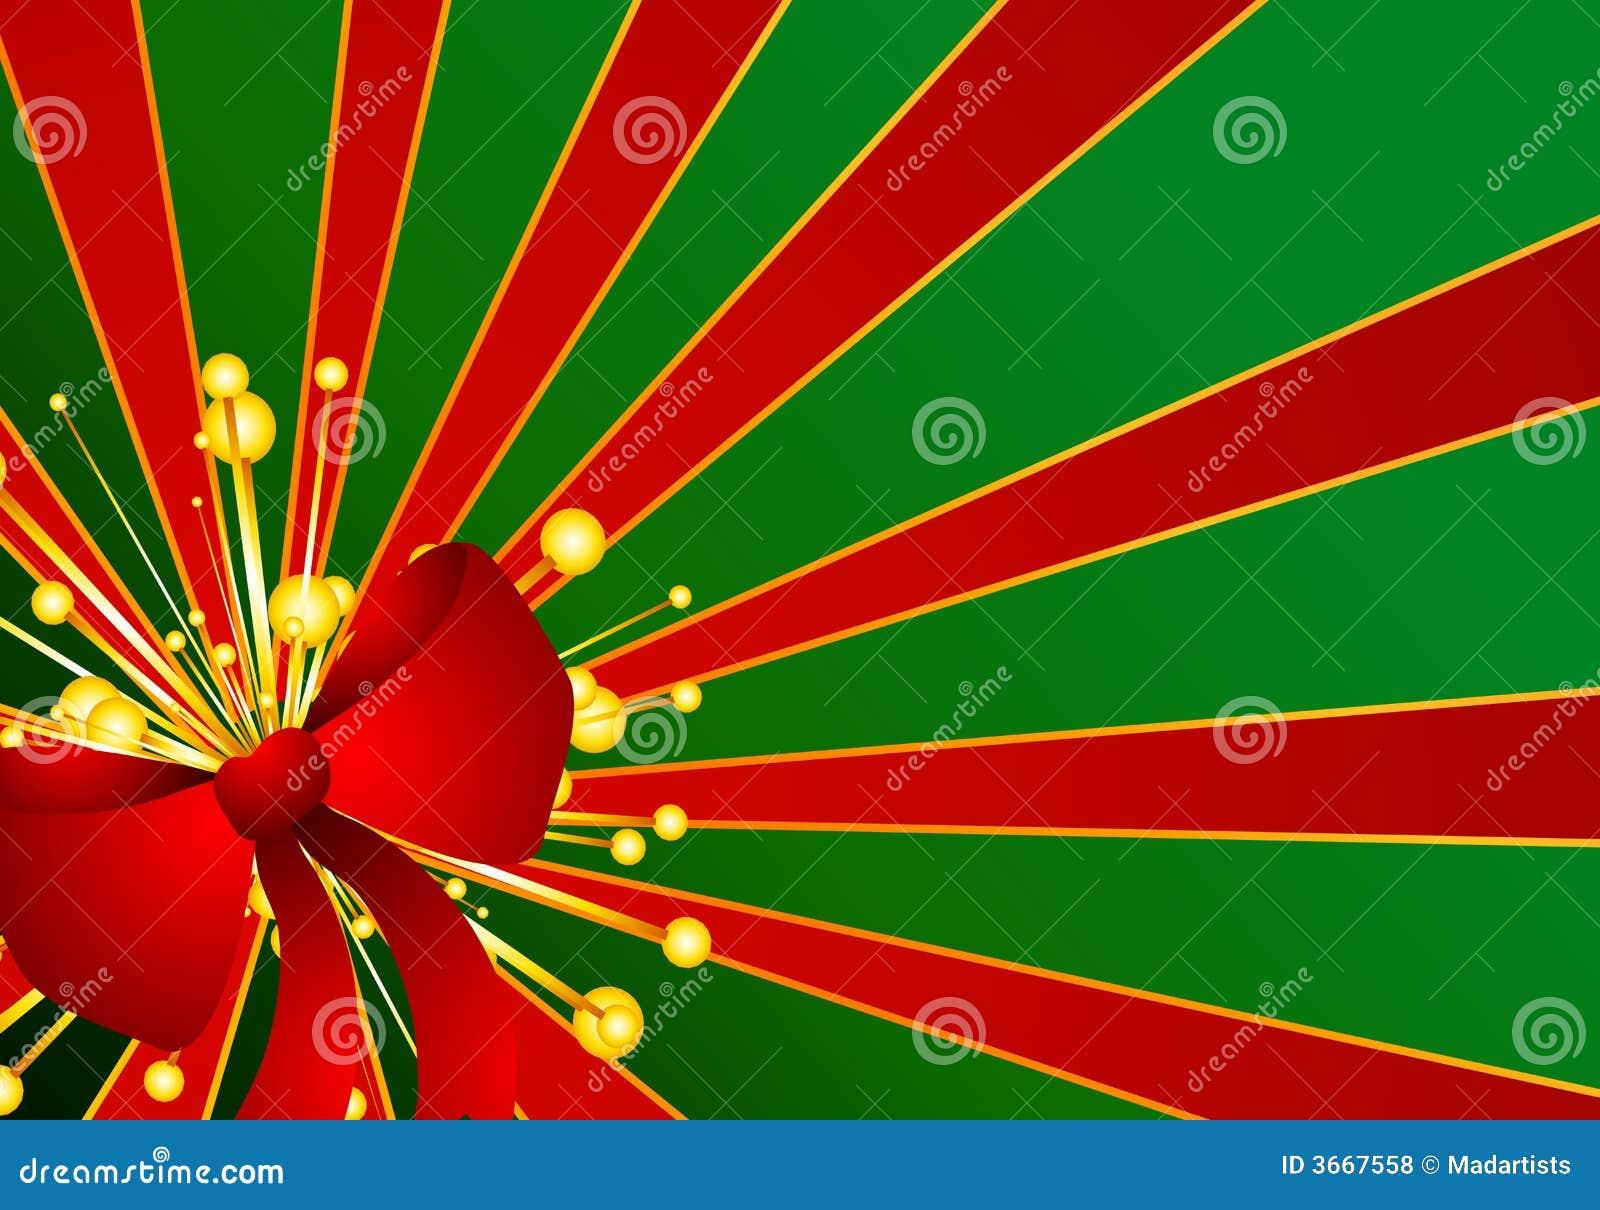 Red and gold christmas decorations wallpaper - Fundo Vermelho Verde Da Curva Do Presente Do Natal Fotos